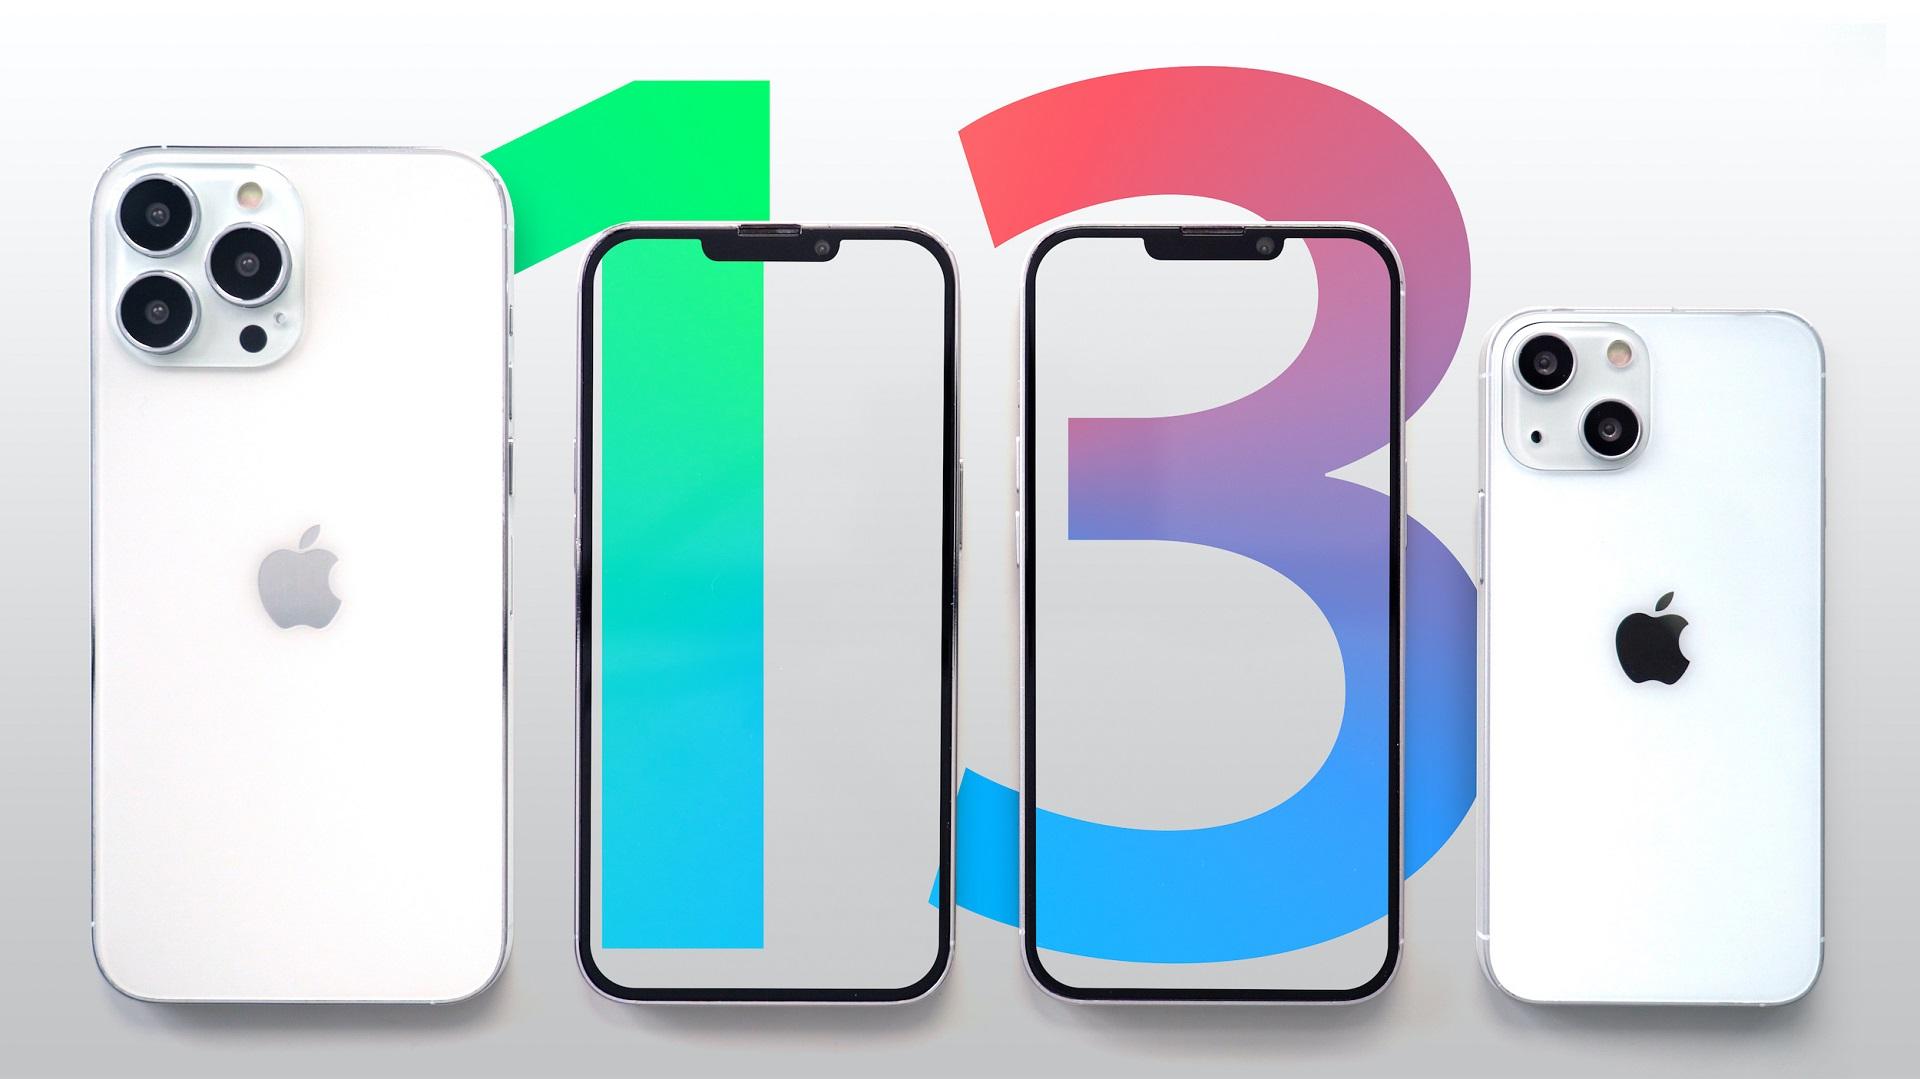 iPhone 20 Serie laut Apple Analyst Kuo durch die Bank mit mehr ...